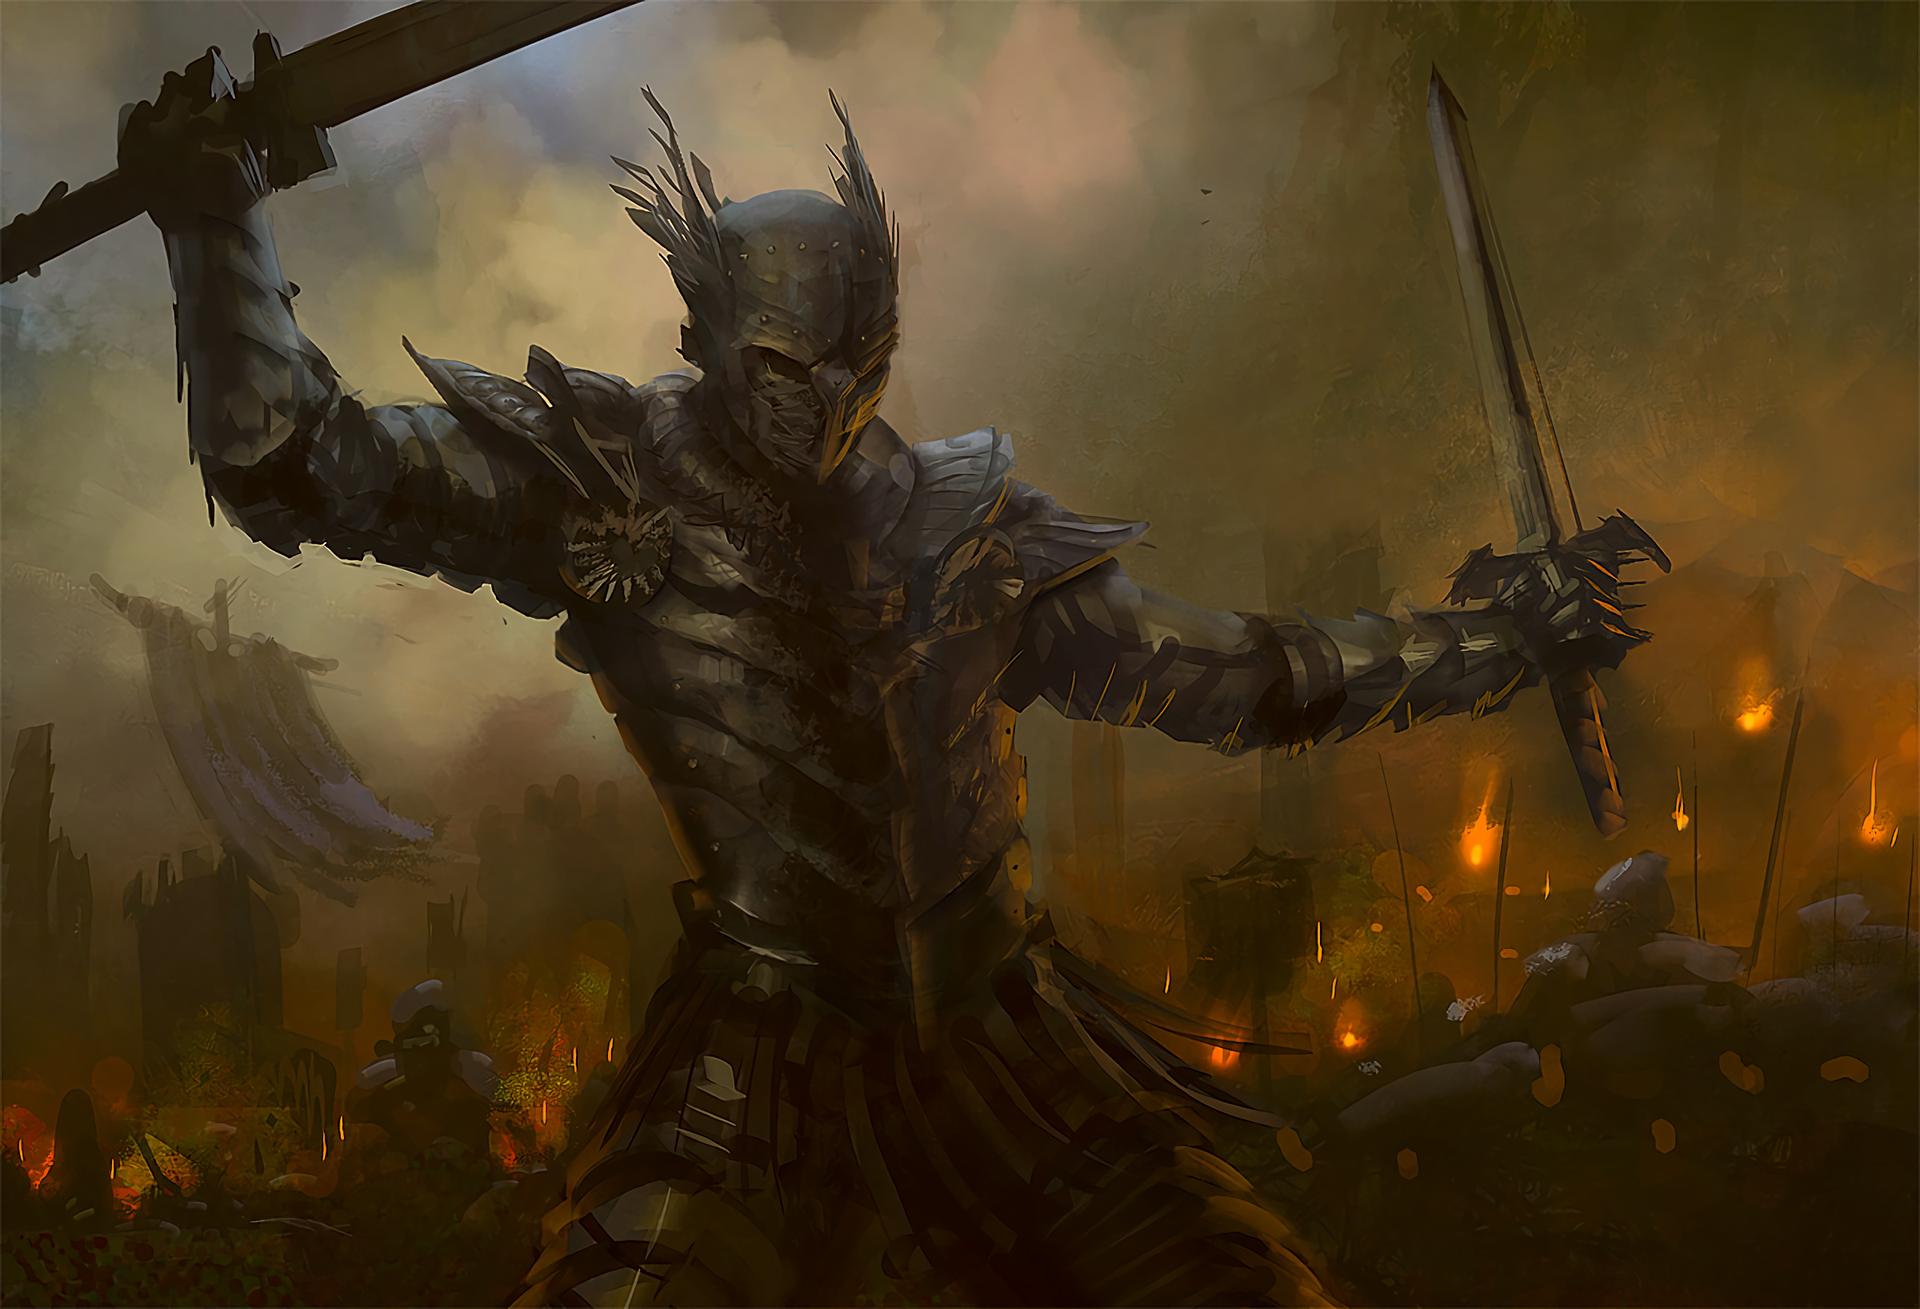 Https Images2 Alphacoders Com 113 Thumb 1920 11362 Png Fantasy Warrior Warriors Wallpaper Fantasy